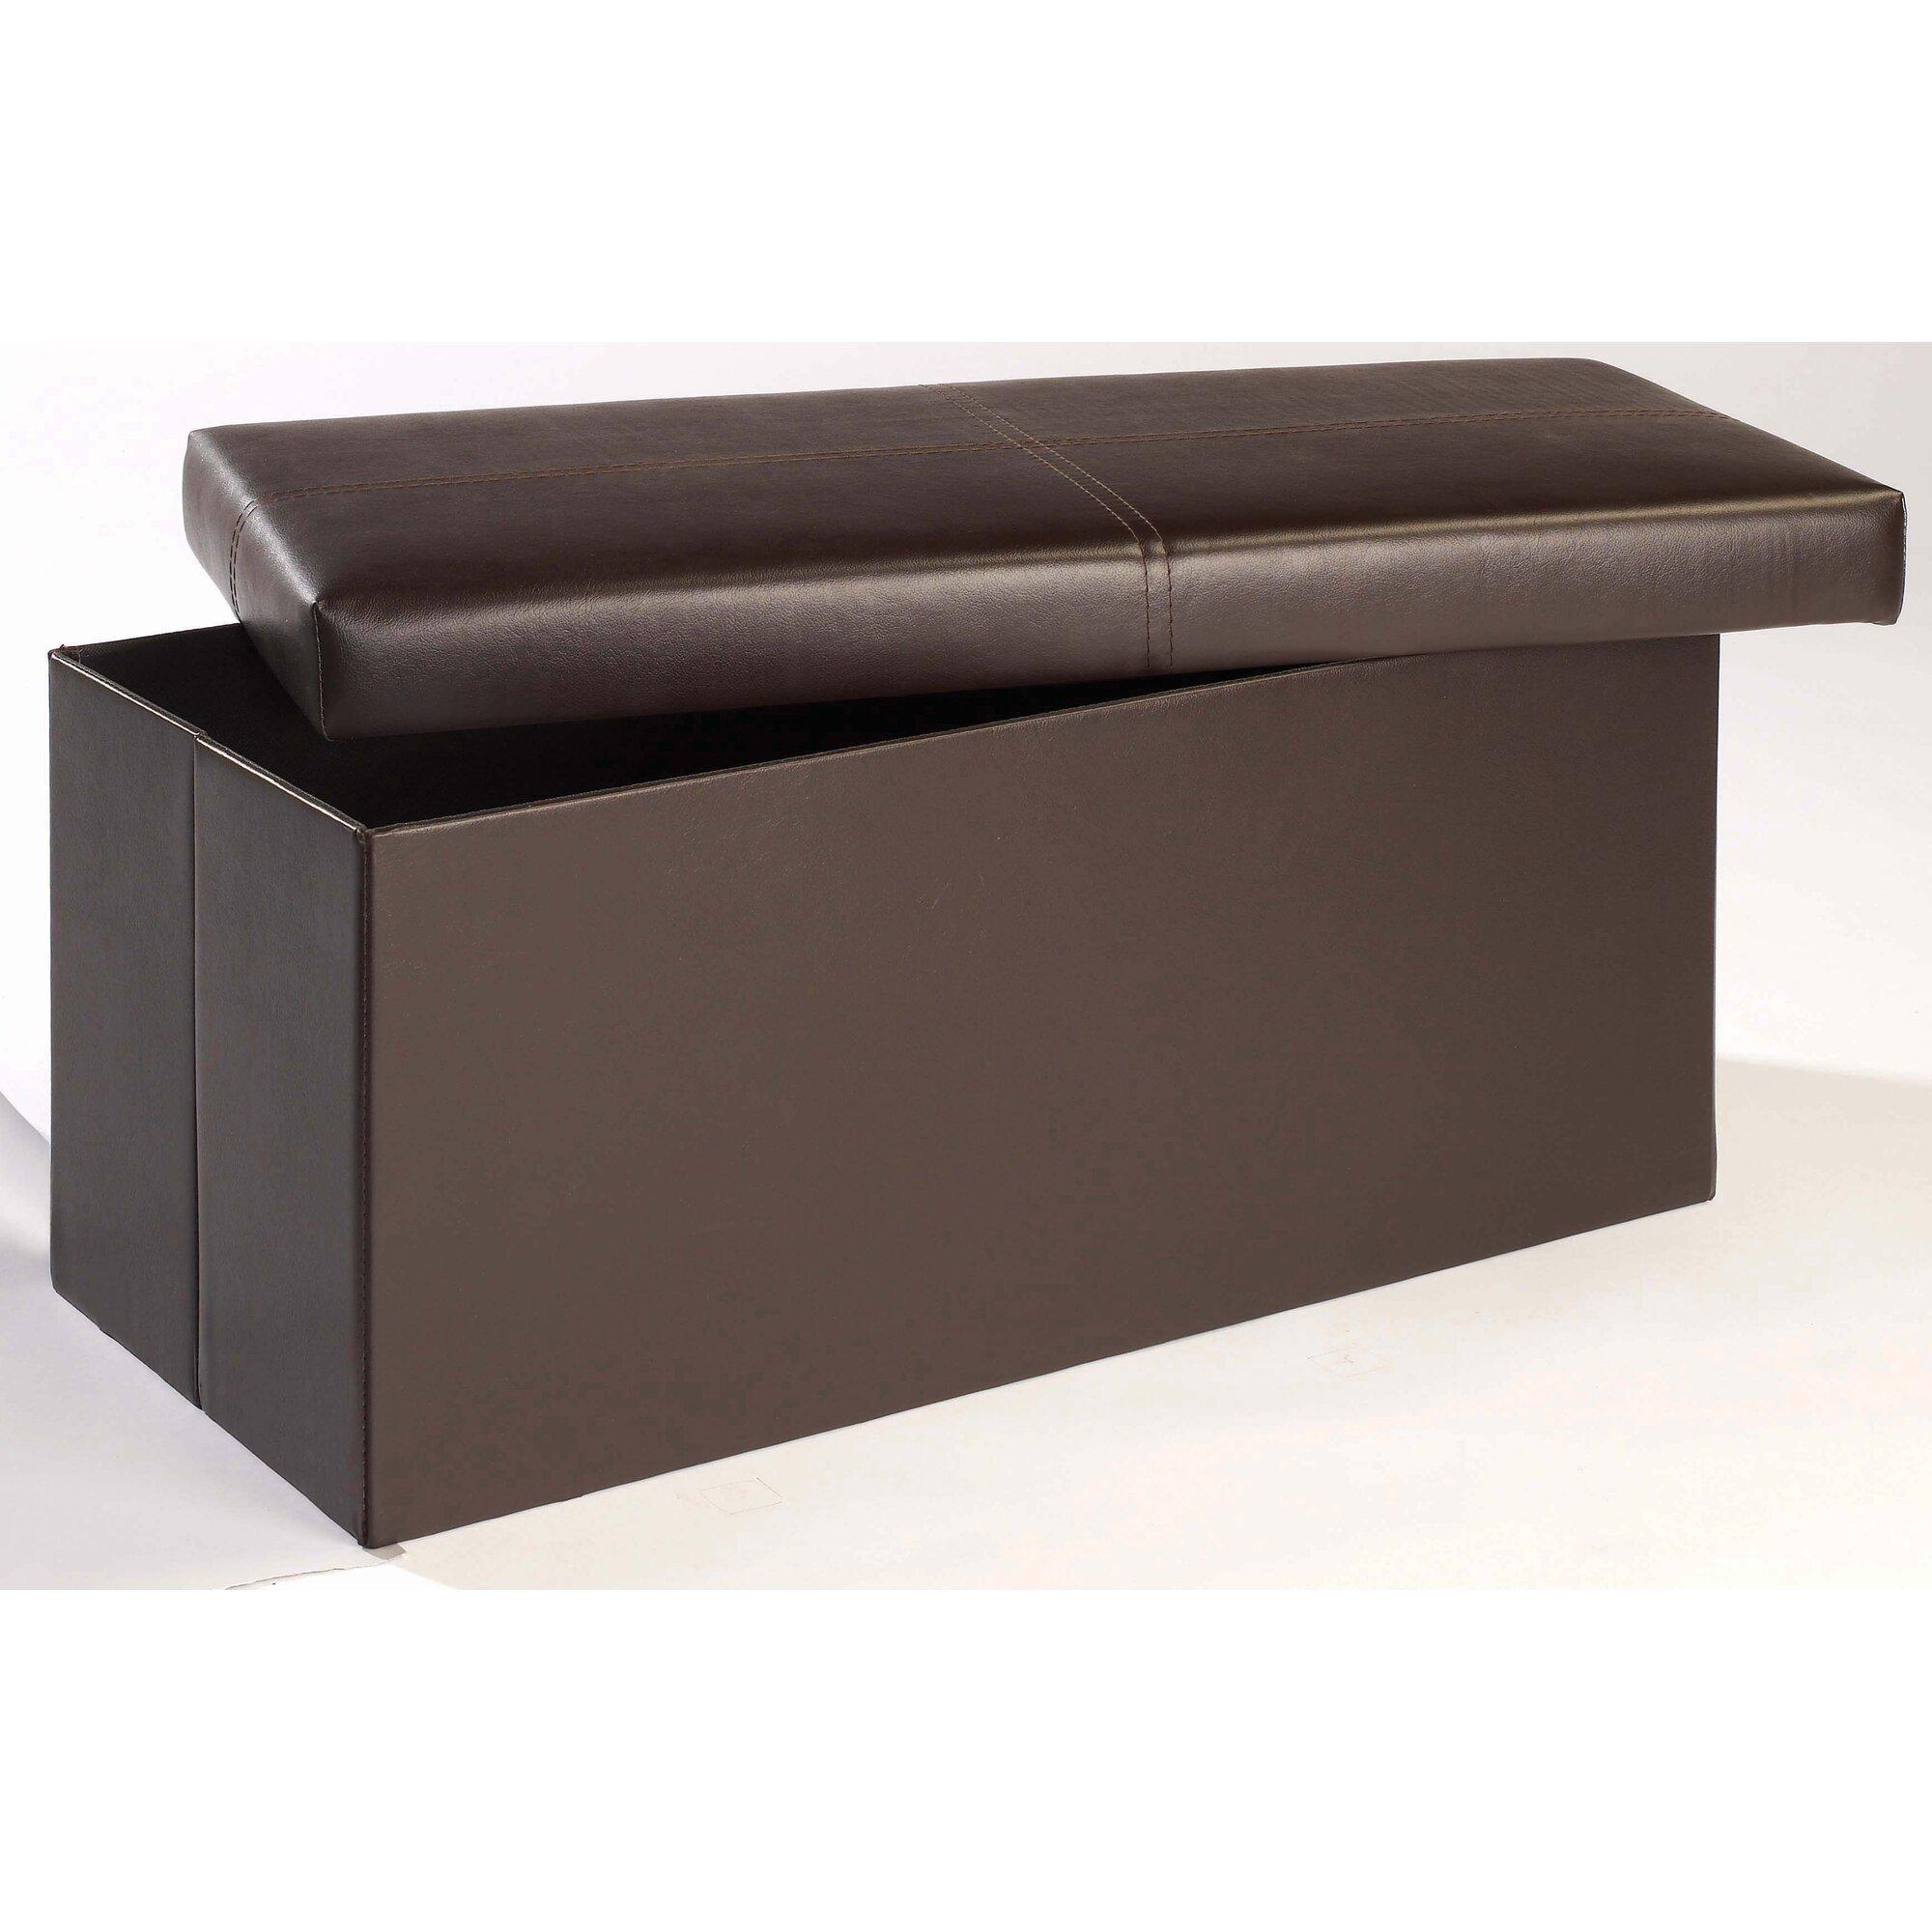 all home hocker aragone mit stauraum bewertungen. Black Bedroom Furniture Sets. Home Design Ideas